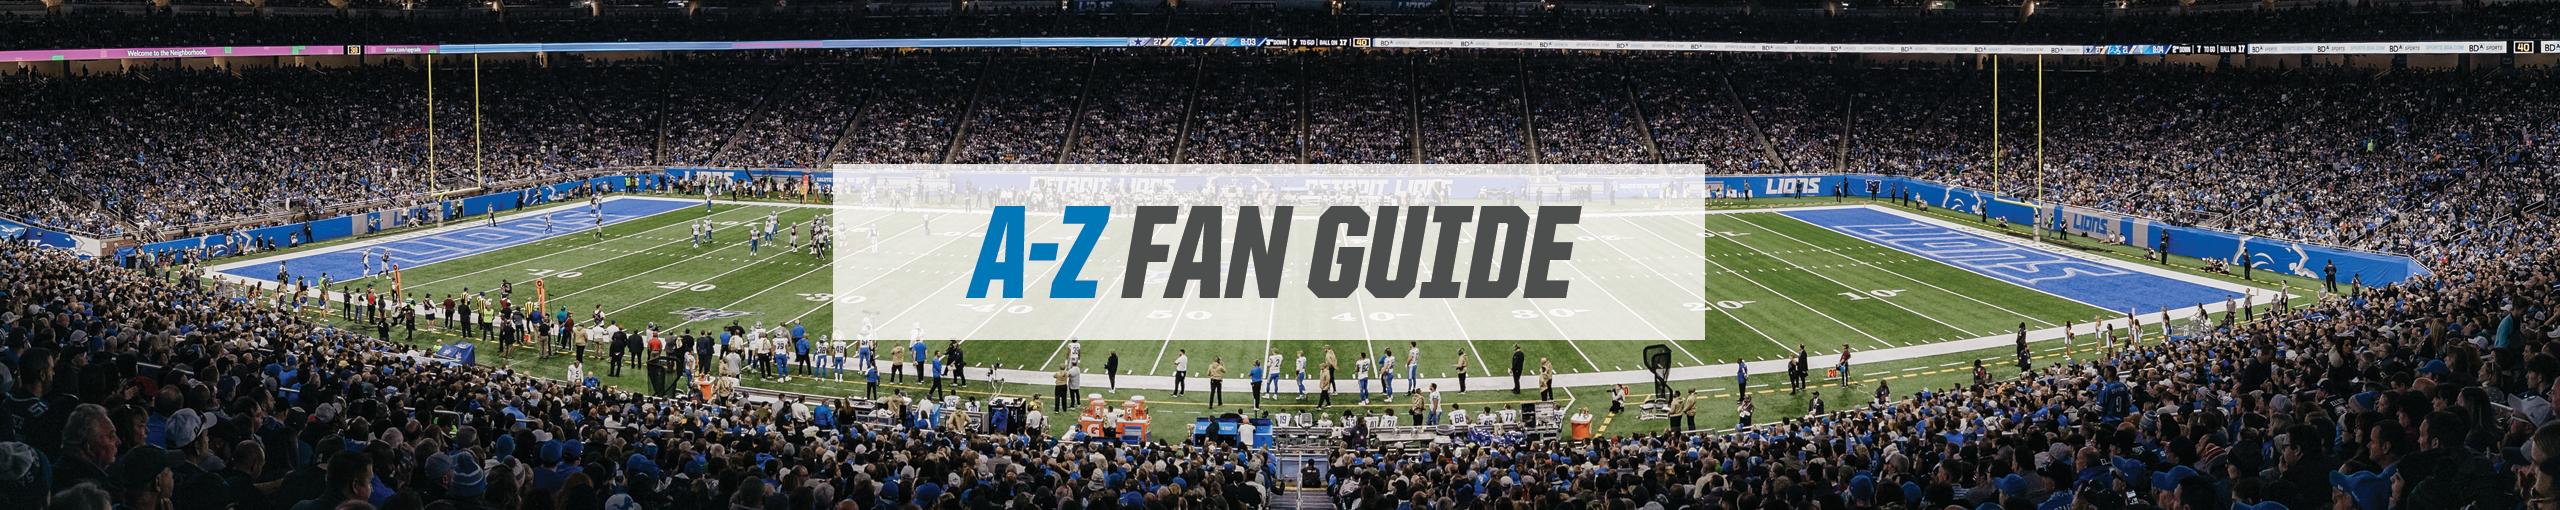 az-fan-guide-header